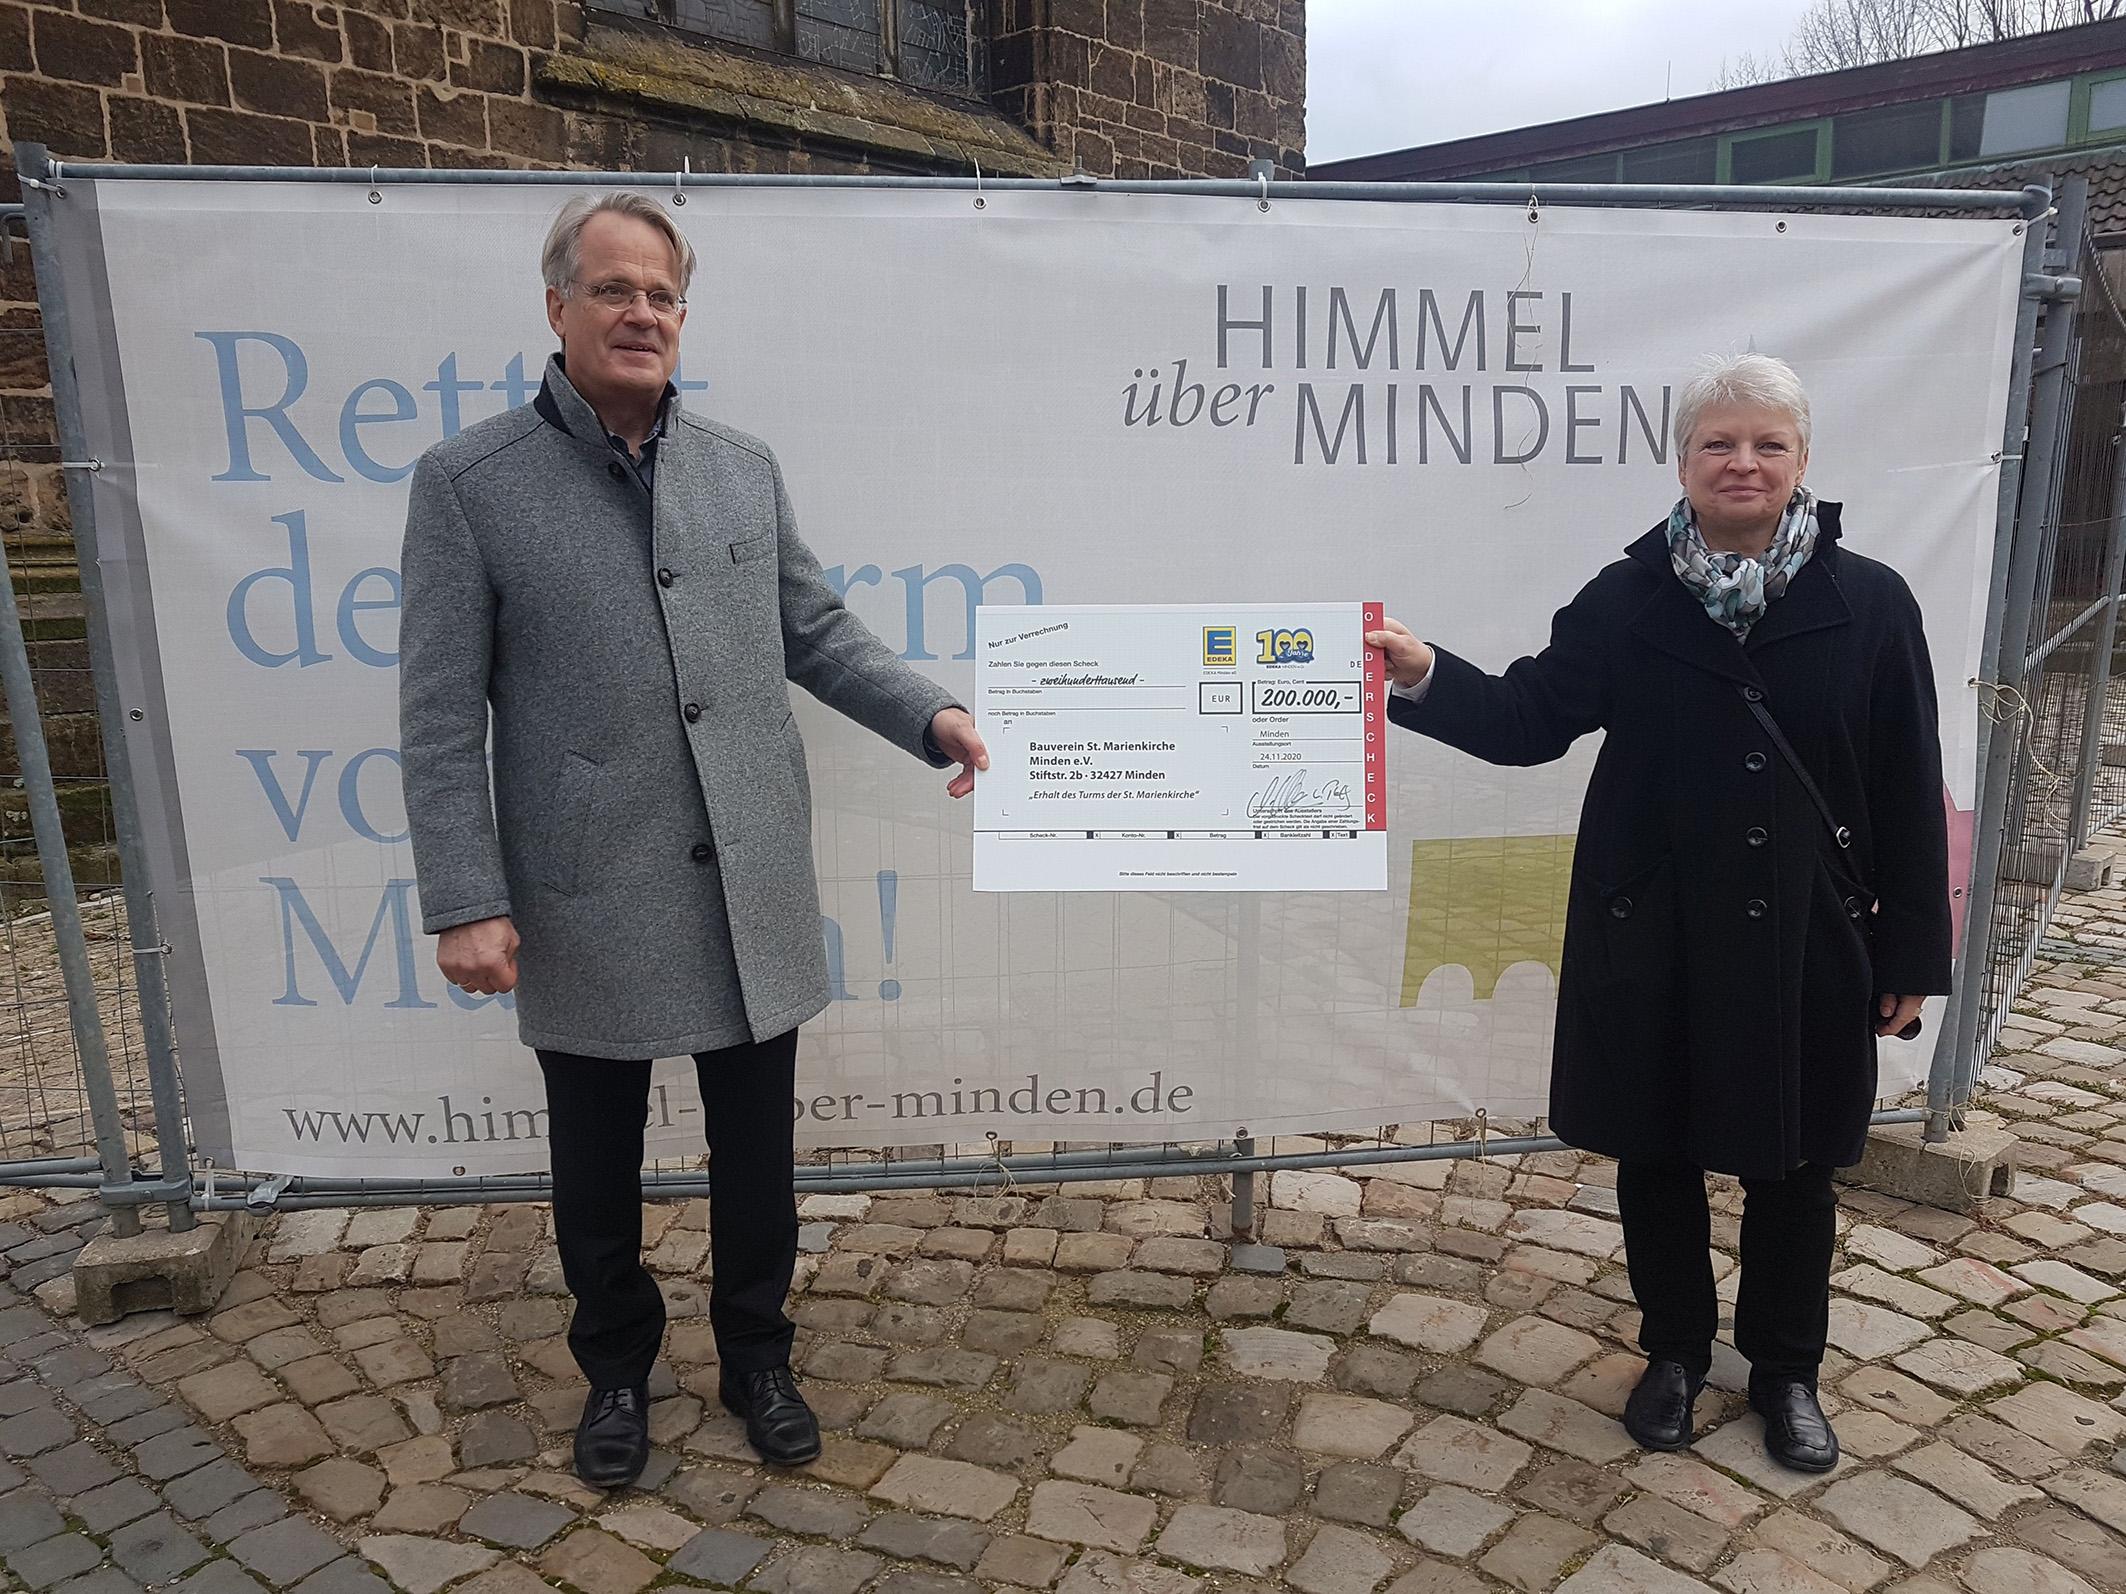 St. Marien: Große Freude über 200.000-Euro-Spende der EDEKA Minden-Hannover